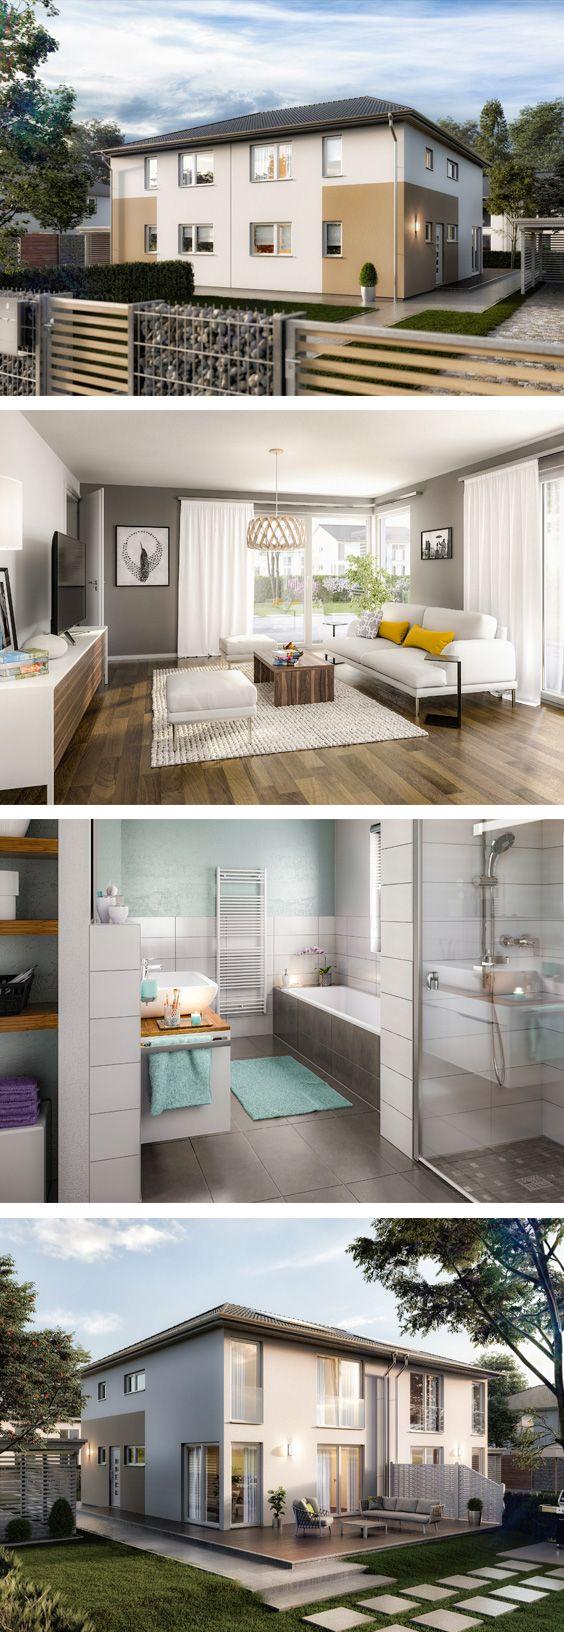 Wäre ein Doppelhaus für Euch eine Option? Warum ja, warum